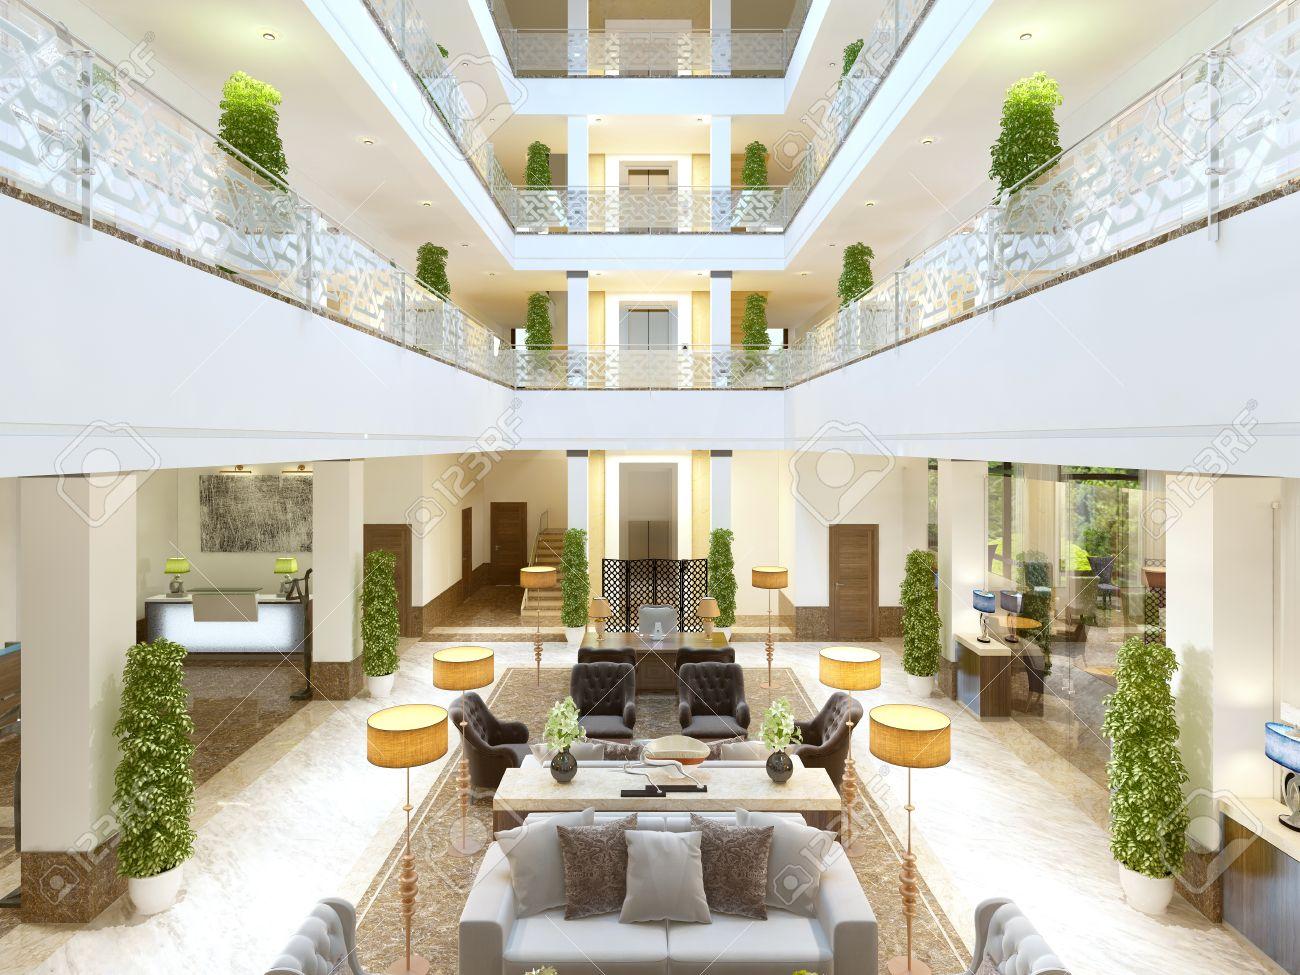 Luxus-Interieur-Design Lounge-Bereich Des Hotels. Teure Polstermöbel ...